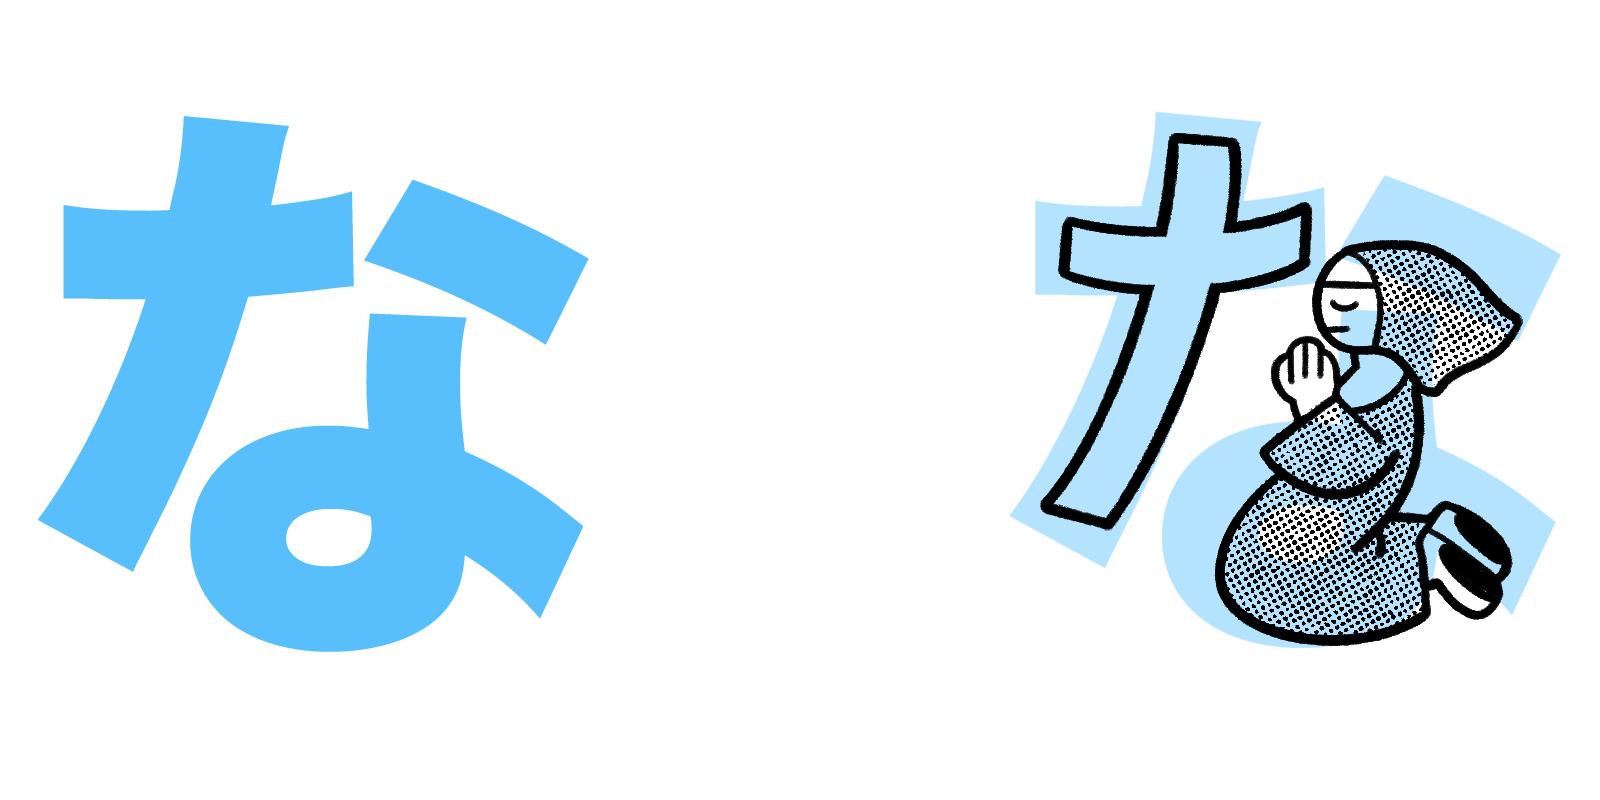 な hiragana mnemonic